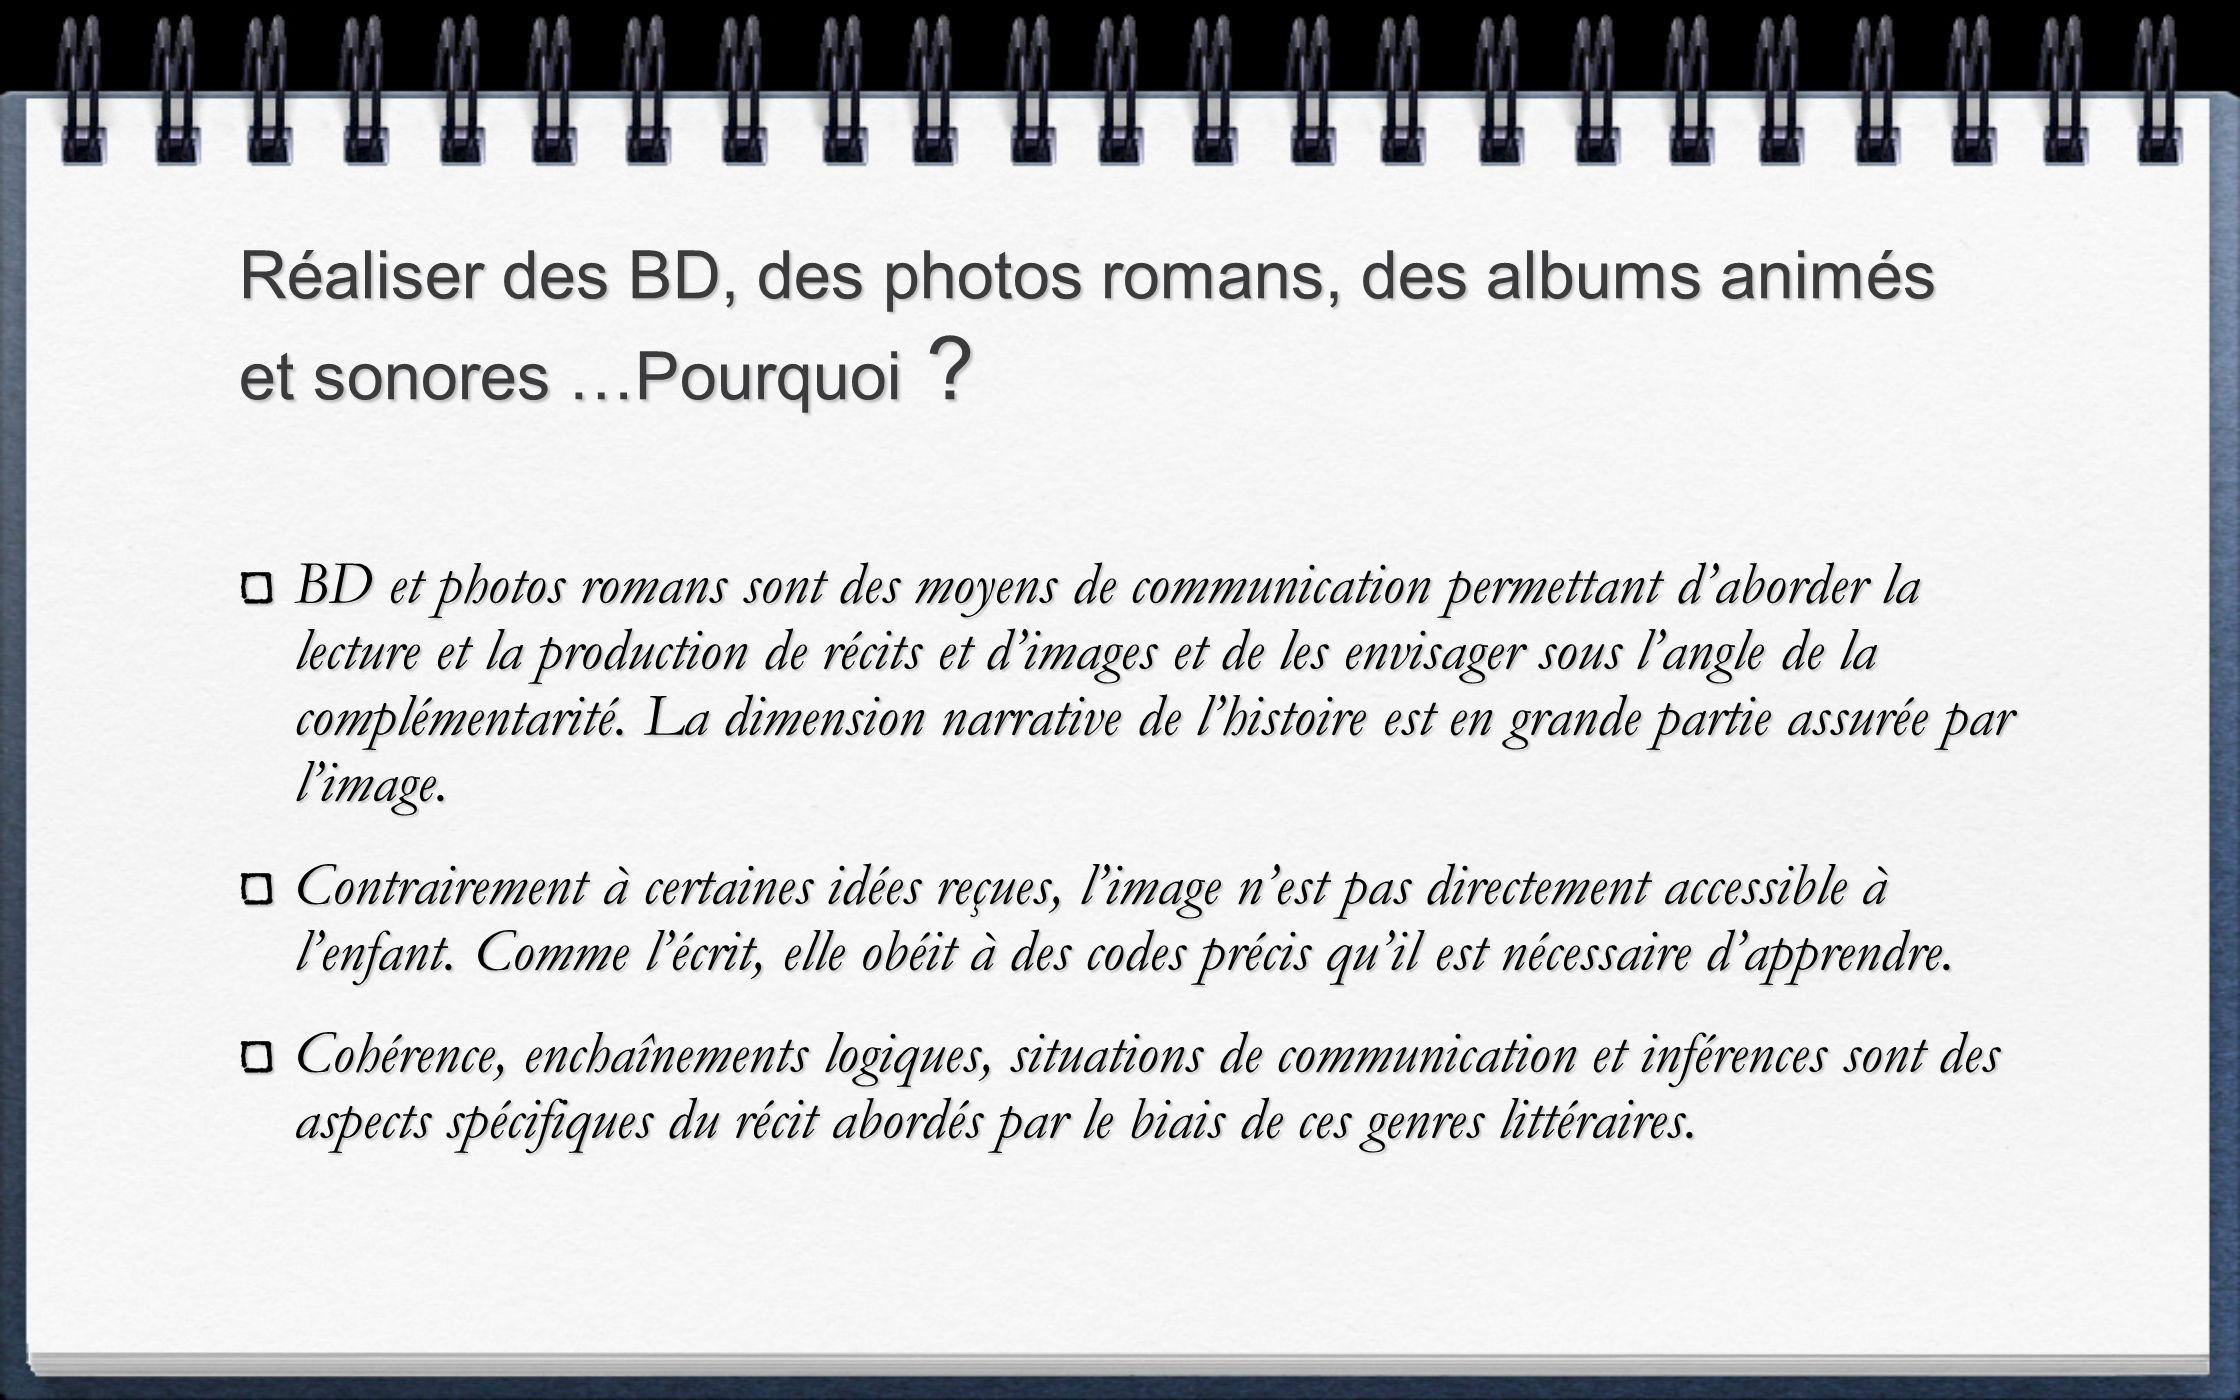 Réaliser des BD, des photos romans, des albums animés et sonores …Pourquoi ? BD et photos romans sont des moyens de communication permettant daborder